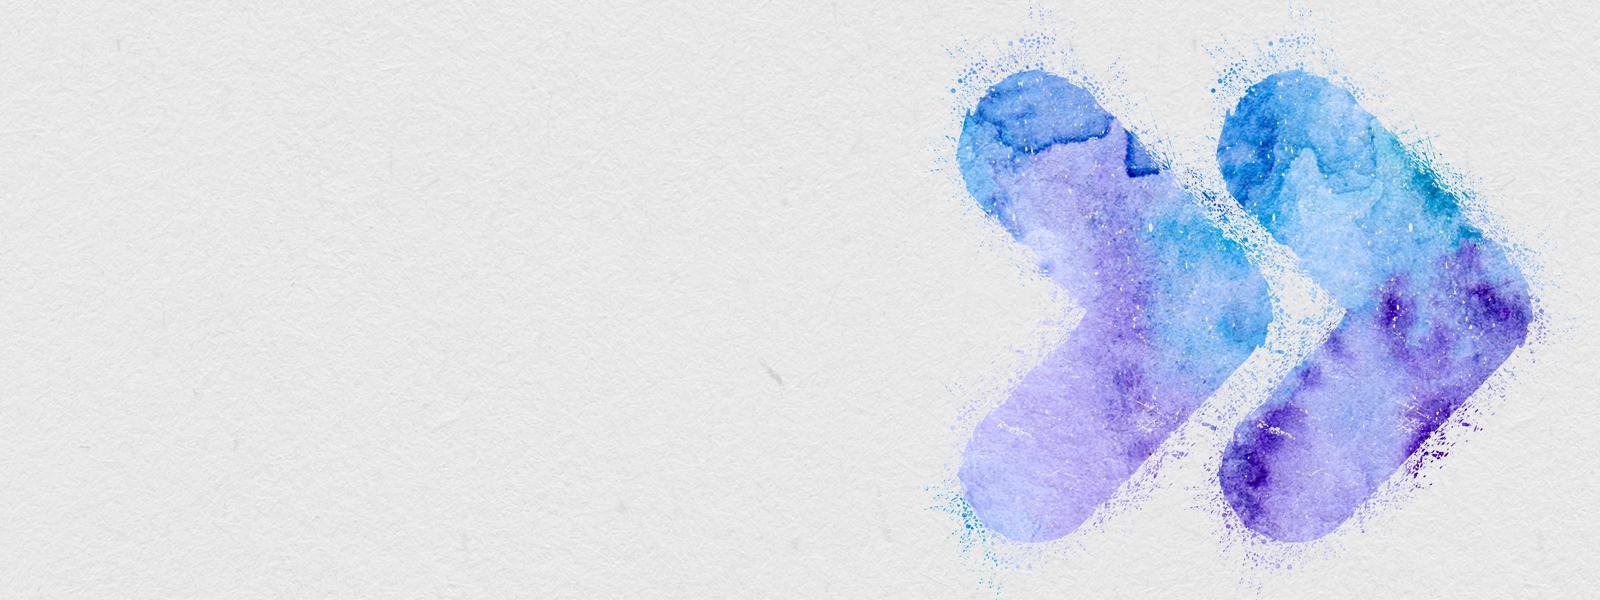 Dos íconos coloridos que indican avanzar